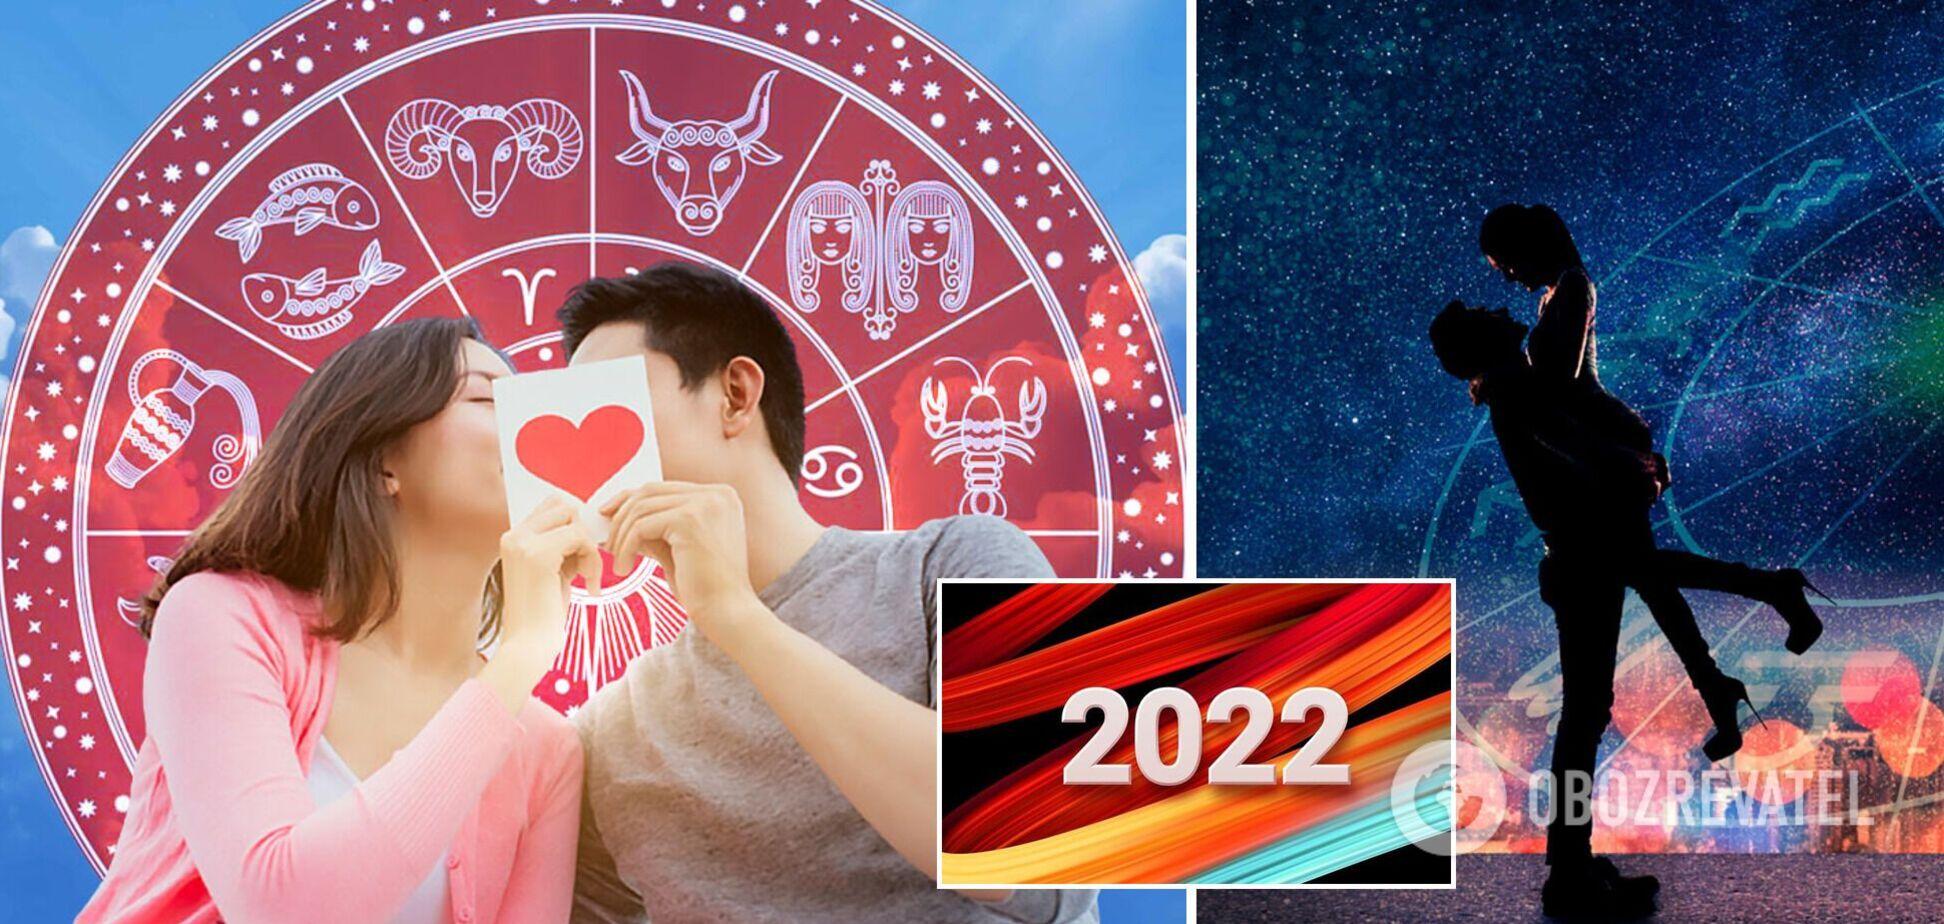 Шесть знаков зодиака могут встретить настоящую любовь в 2022 году: астрологи назвали счастливчиков